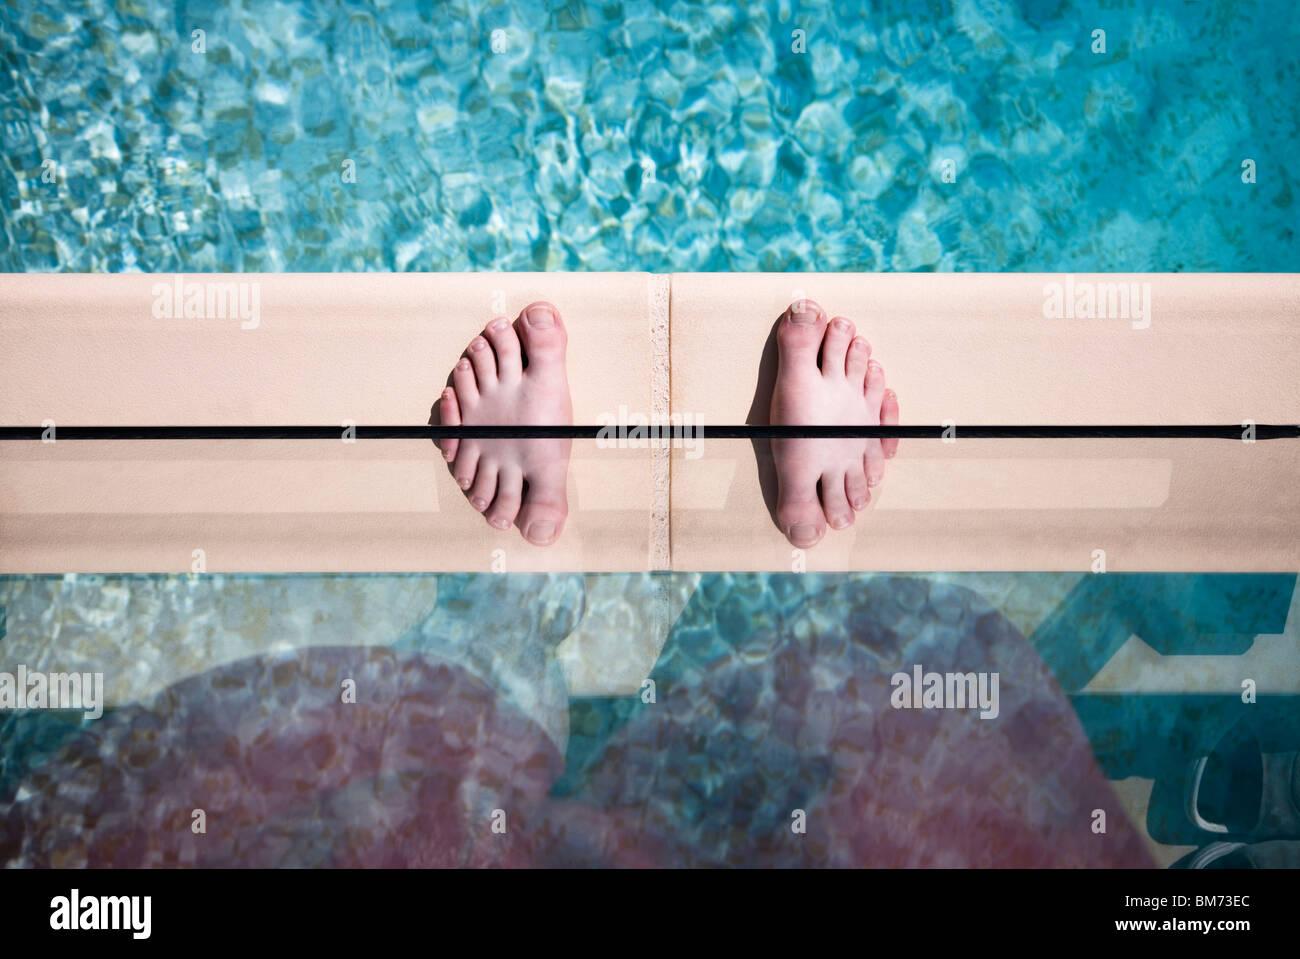 Los pies de alguien en el borde de una piscina frente al vidrio con una reflexión haciendo dos pies Imagen De Stock